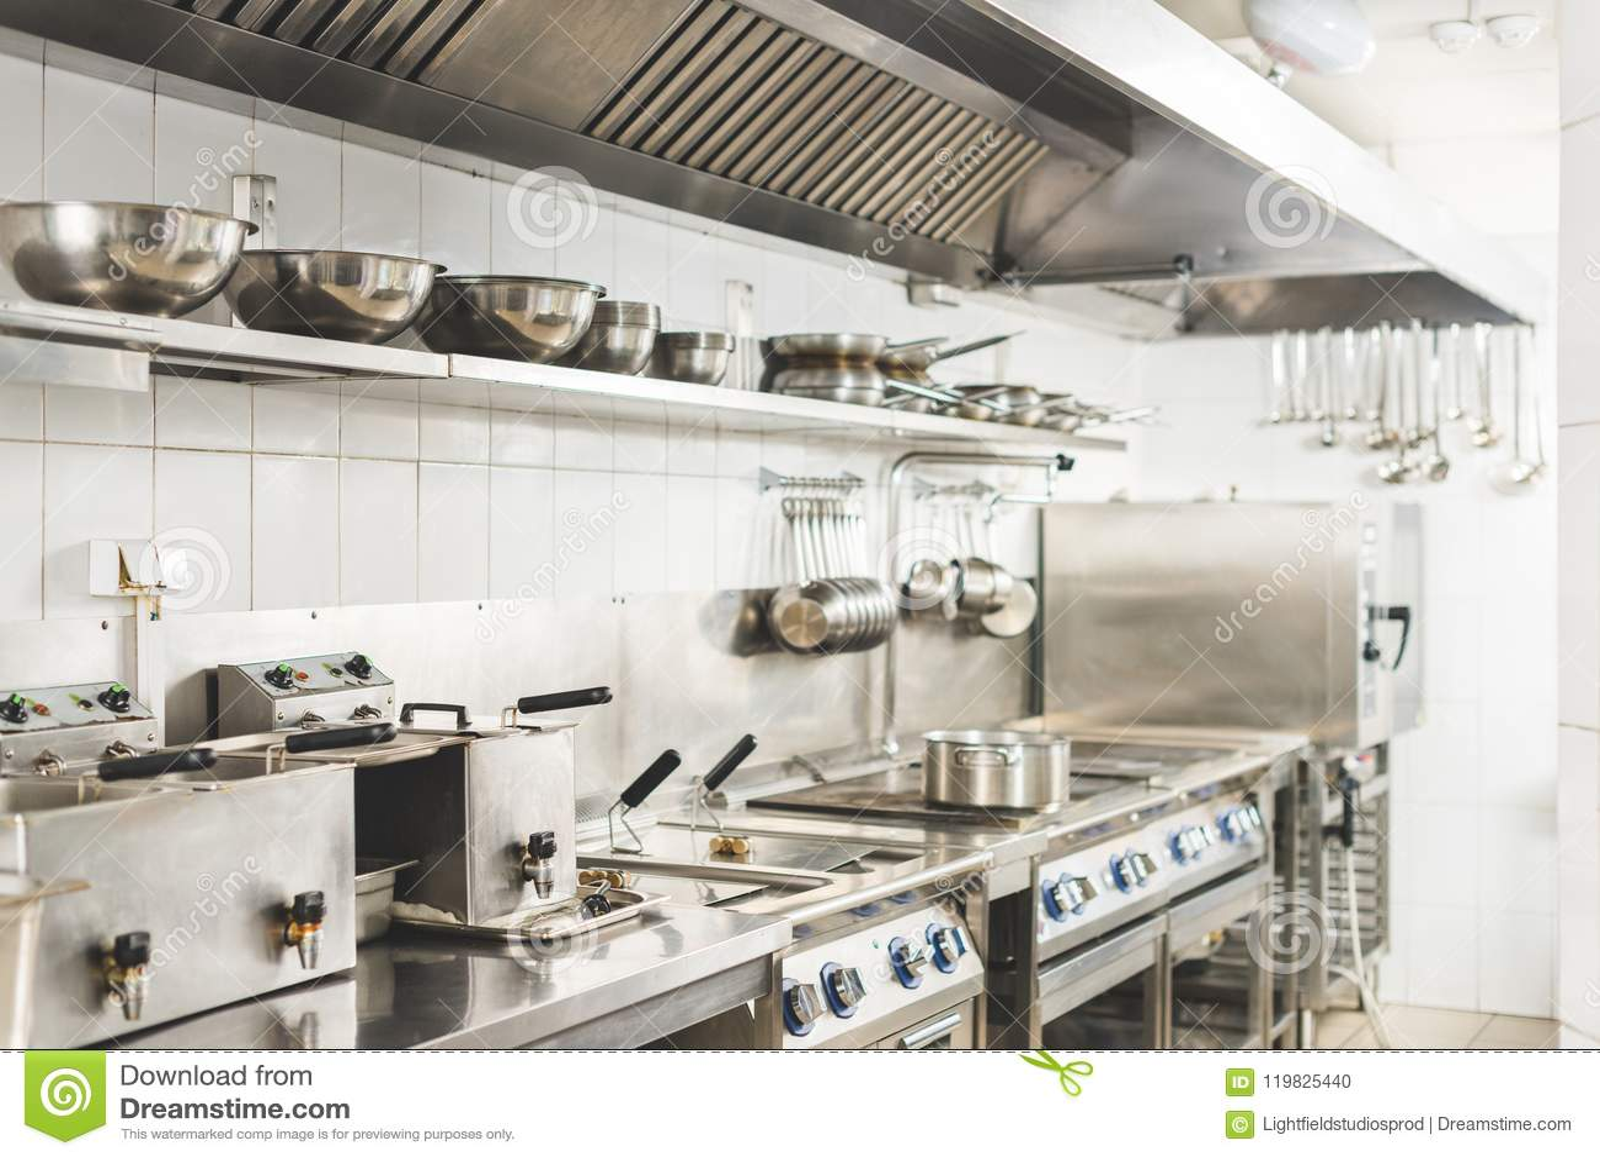 modern clean restaurant kitchen